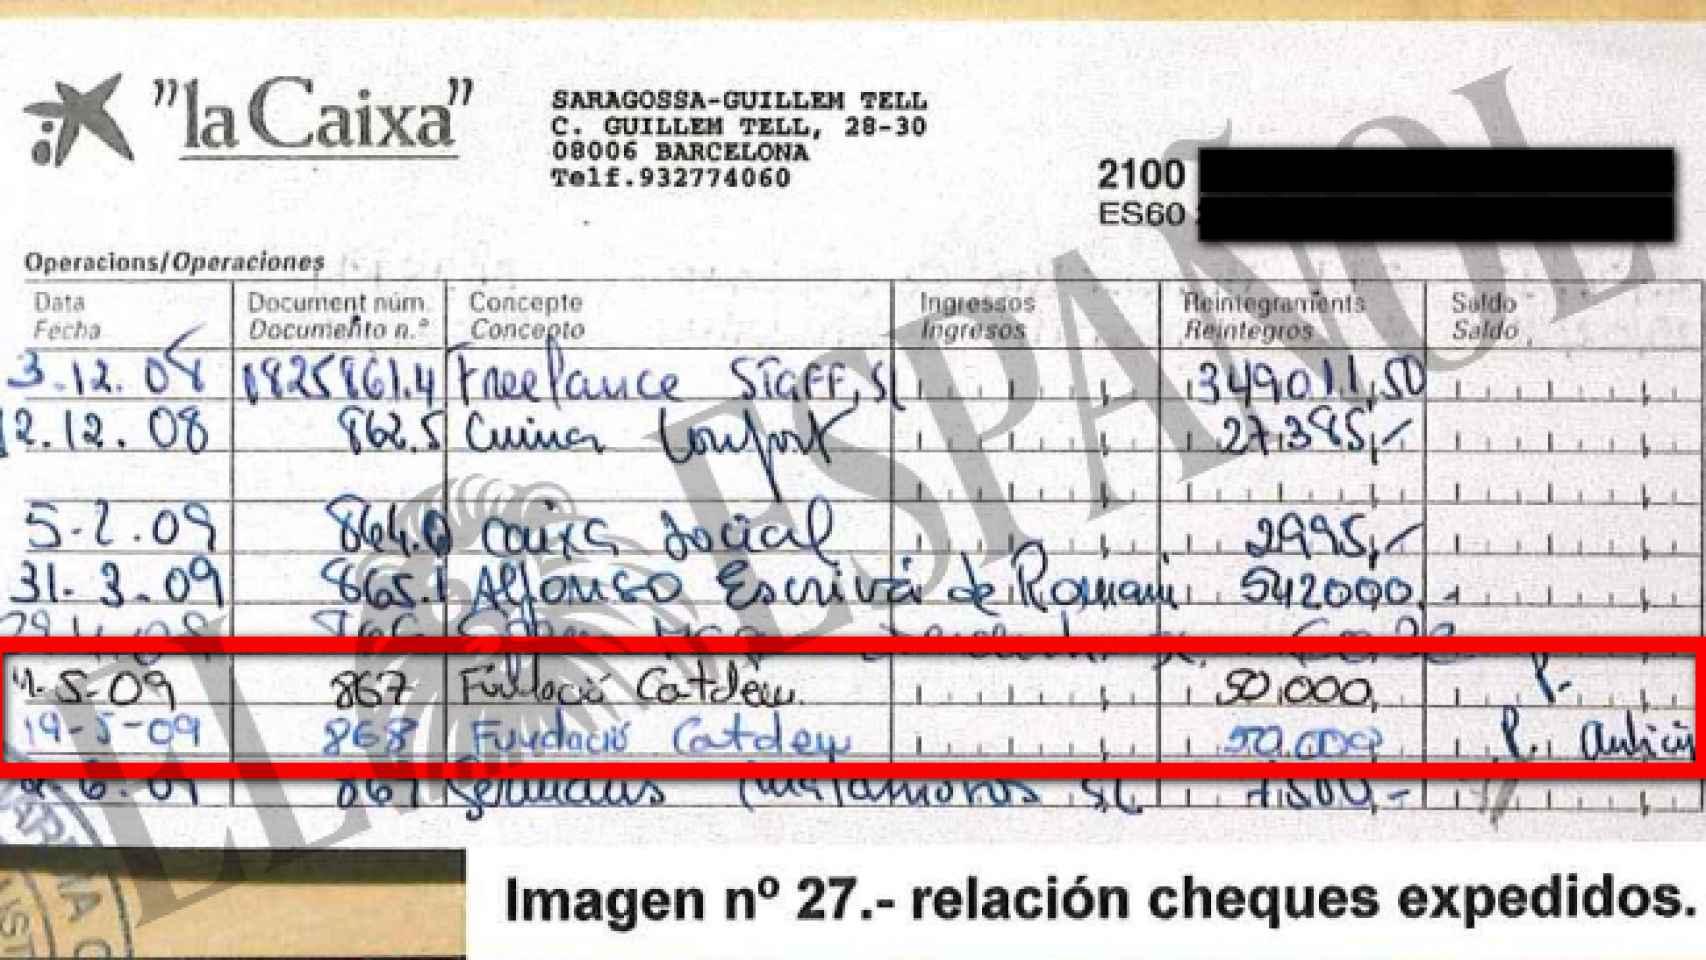 Talonario con anotaciones sobre los pagos a Catdem.